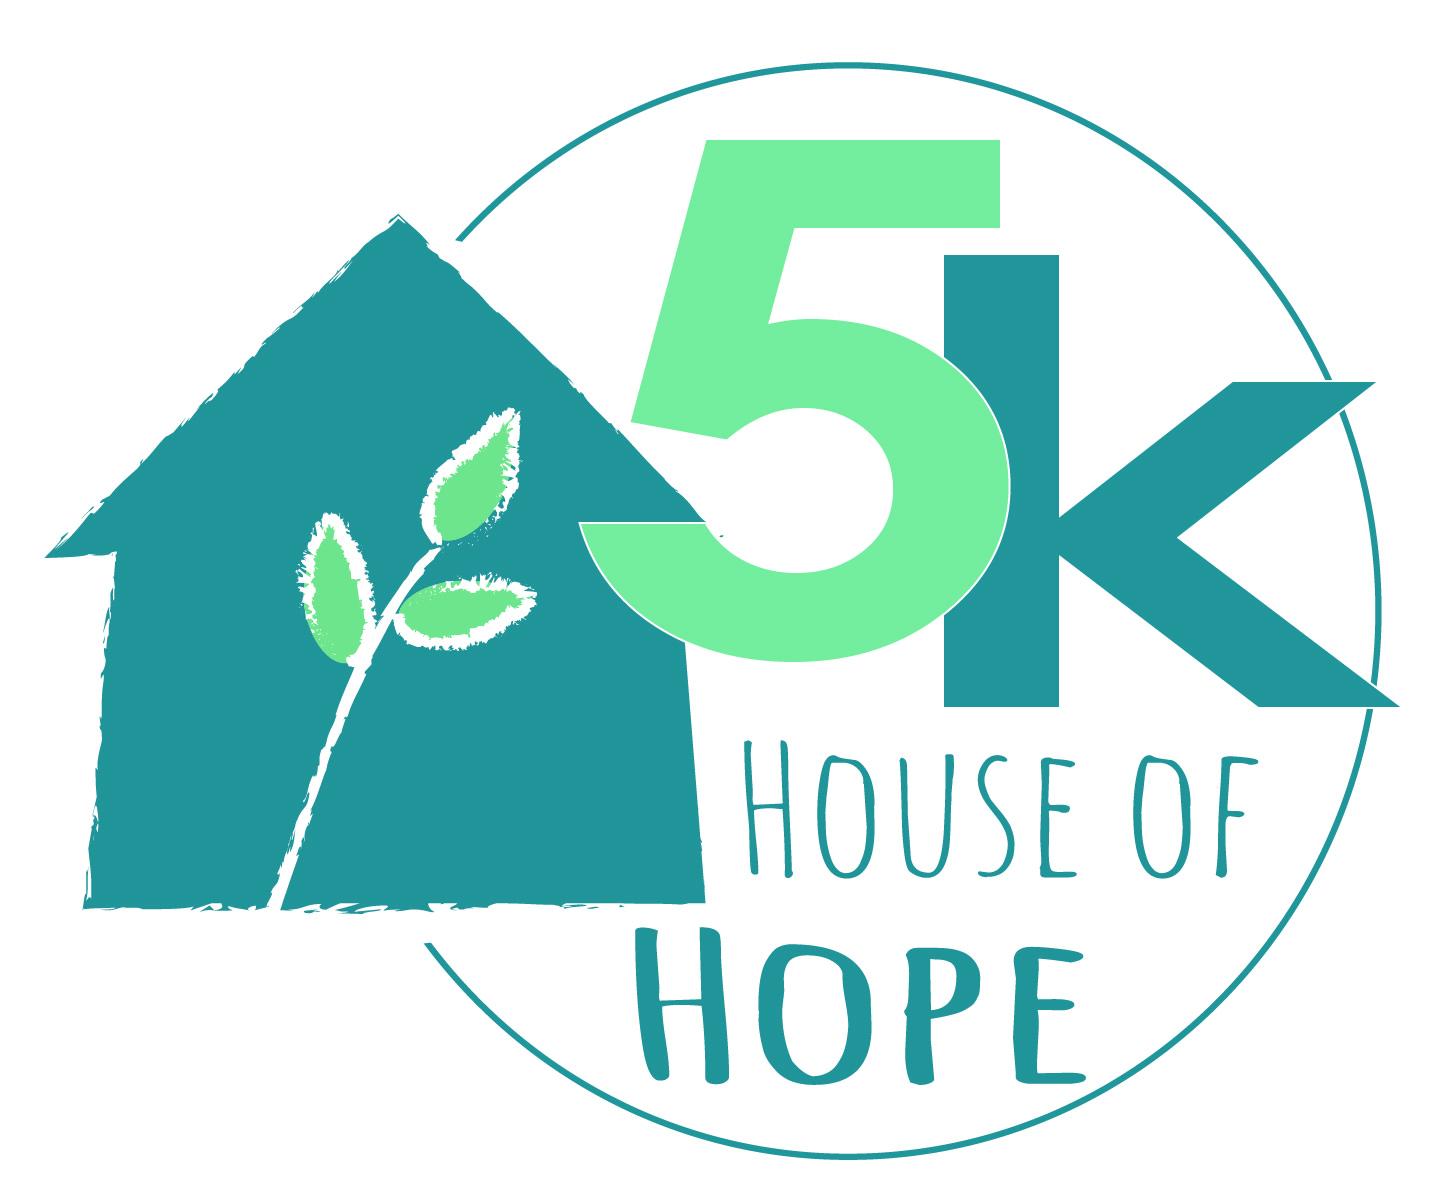 House of Hope 5k